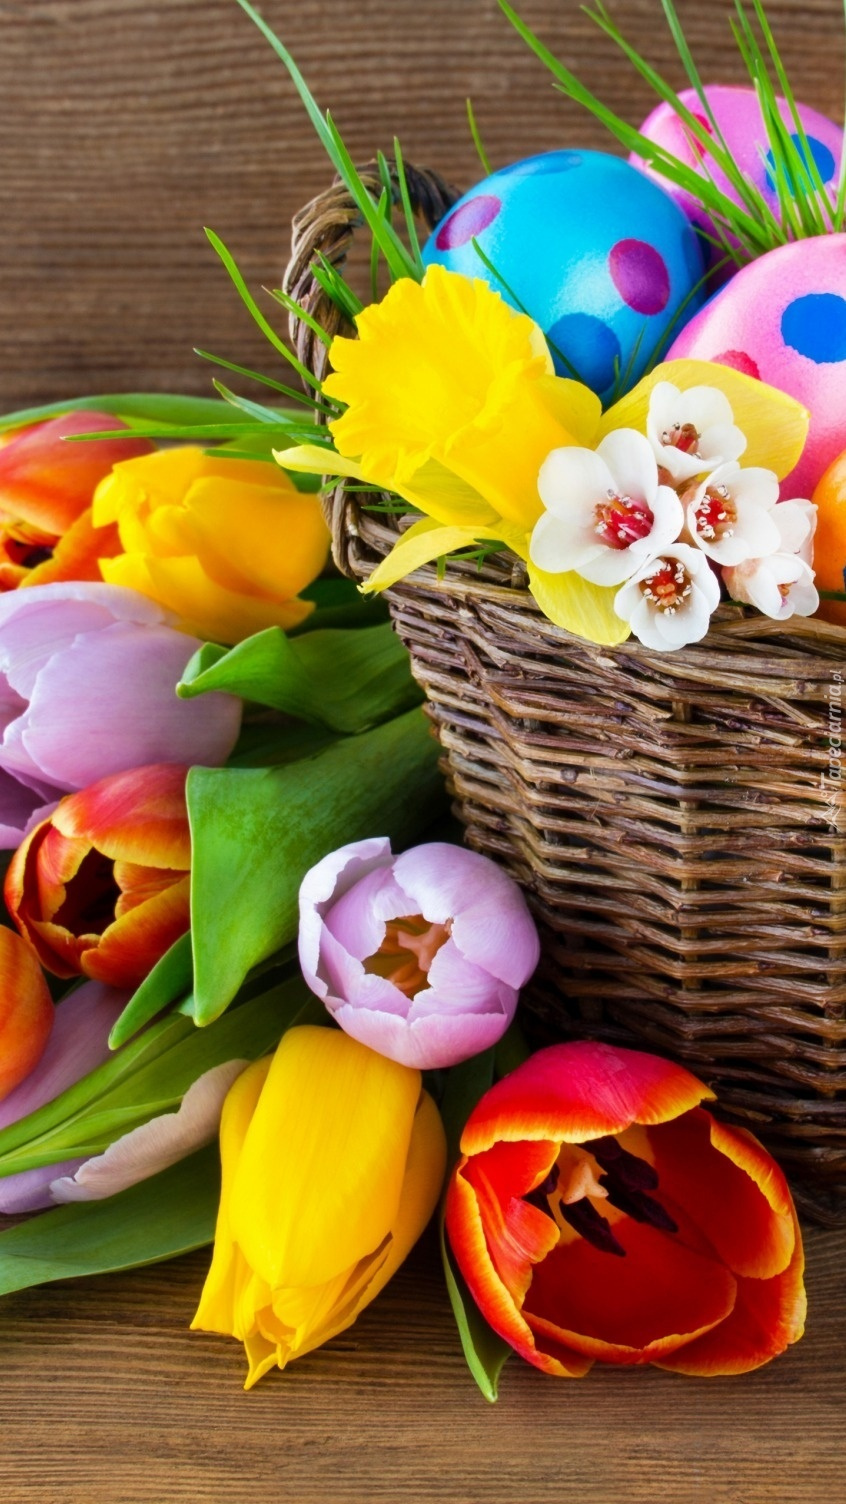 Wielkanocny koszyk z pisankami